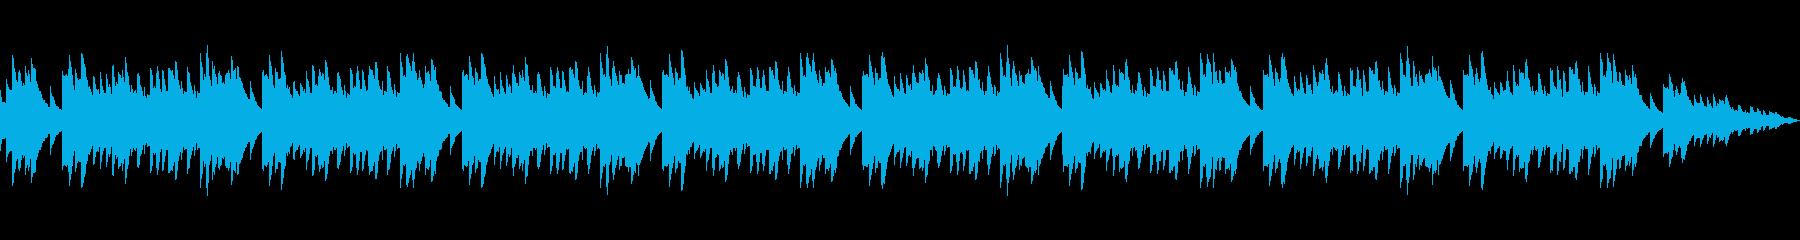 幻想的で美しいキラキラしたオルゴールの再生済みの波形